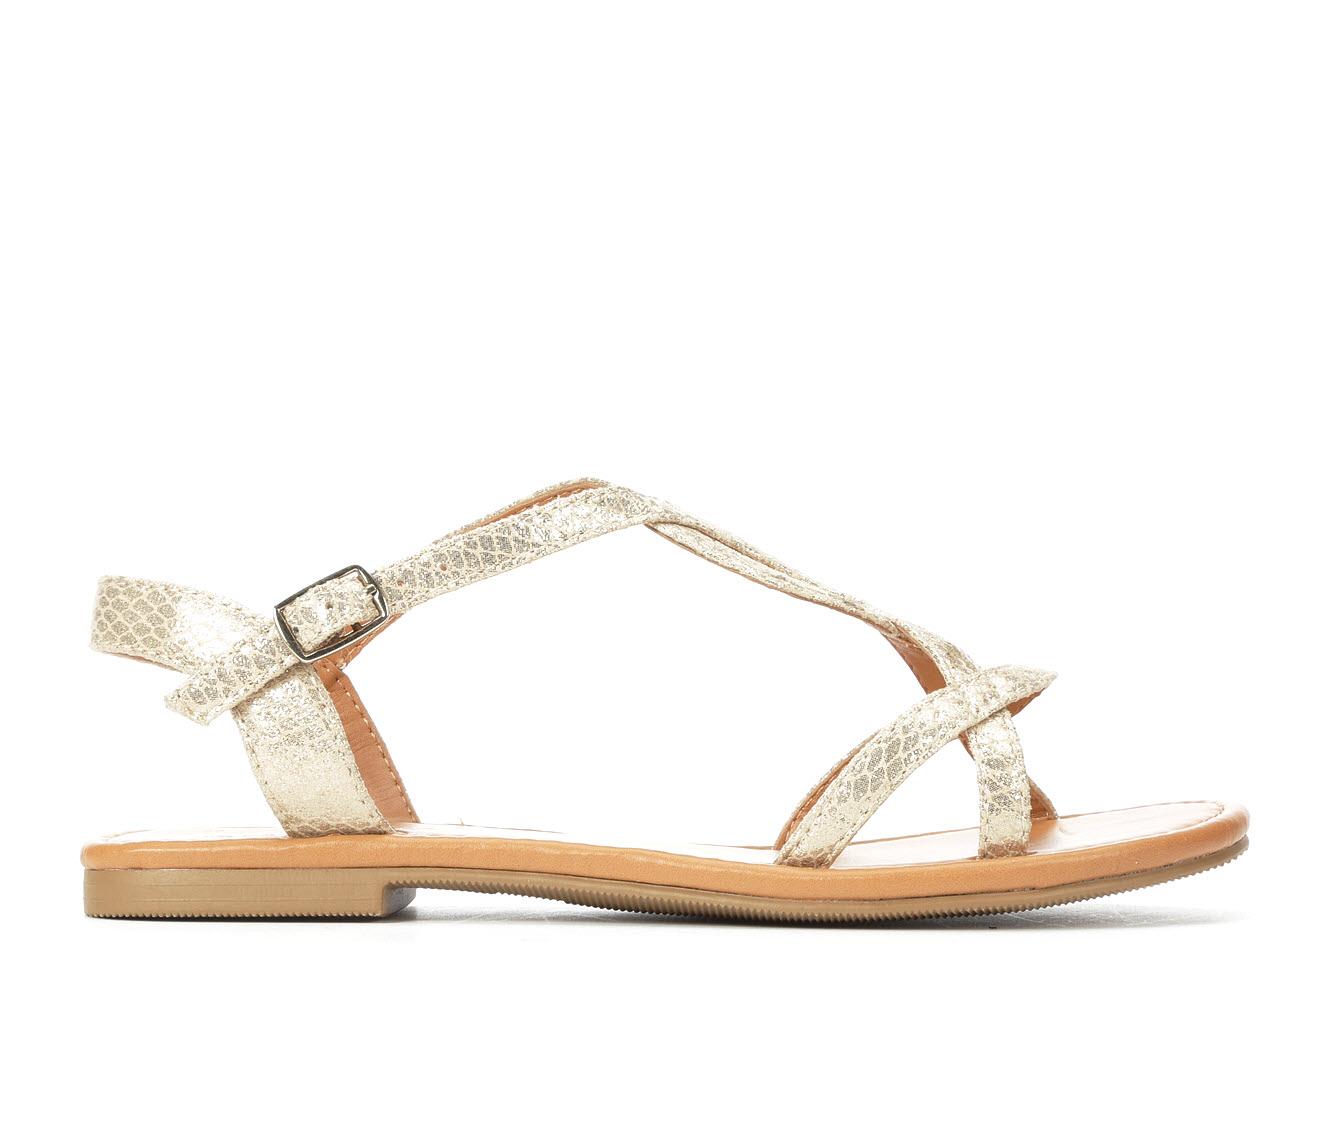 Solanz Agent Women's Sandal (Gold Faux Leather)